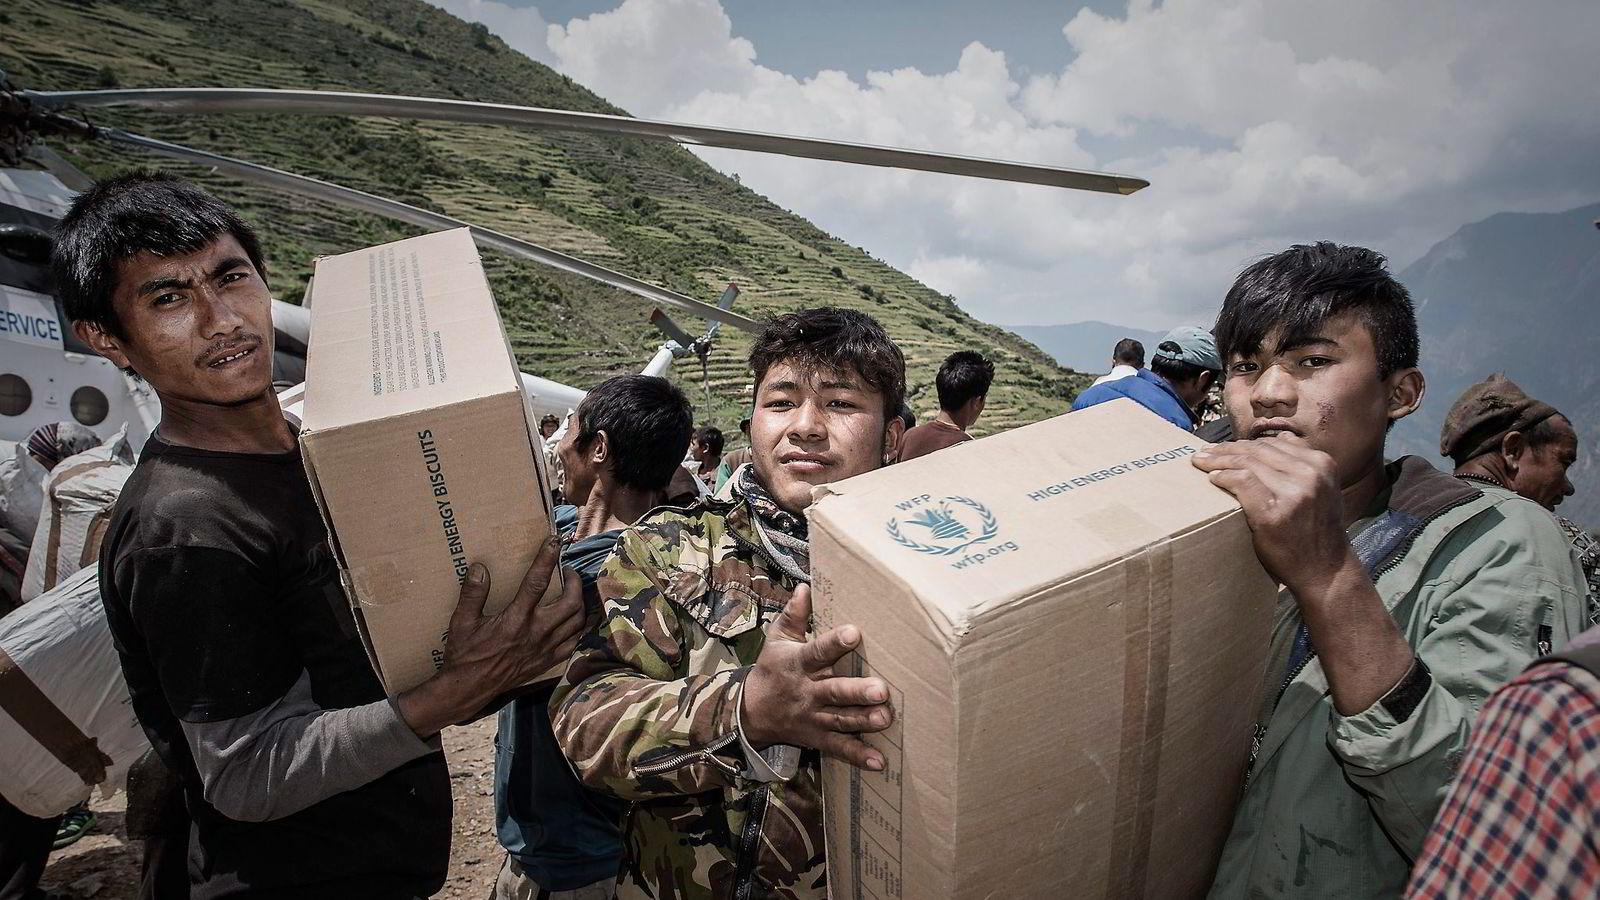 Den grunnleggende sannheten om bistand er at den fungerer, og ofte på briljant vis, men at den er kronisk underfinansiert, skriver Jeffrey Sachs, som er bekymret for at mange av de nordiske landene krever kutt i bistand. Her lempes nødhjelp fra Verdens matvareprogram av et helikopter i den nepalske landsbyen Kerauja. Foto: Philippe Lopez, AFP/NTB Scanpix